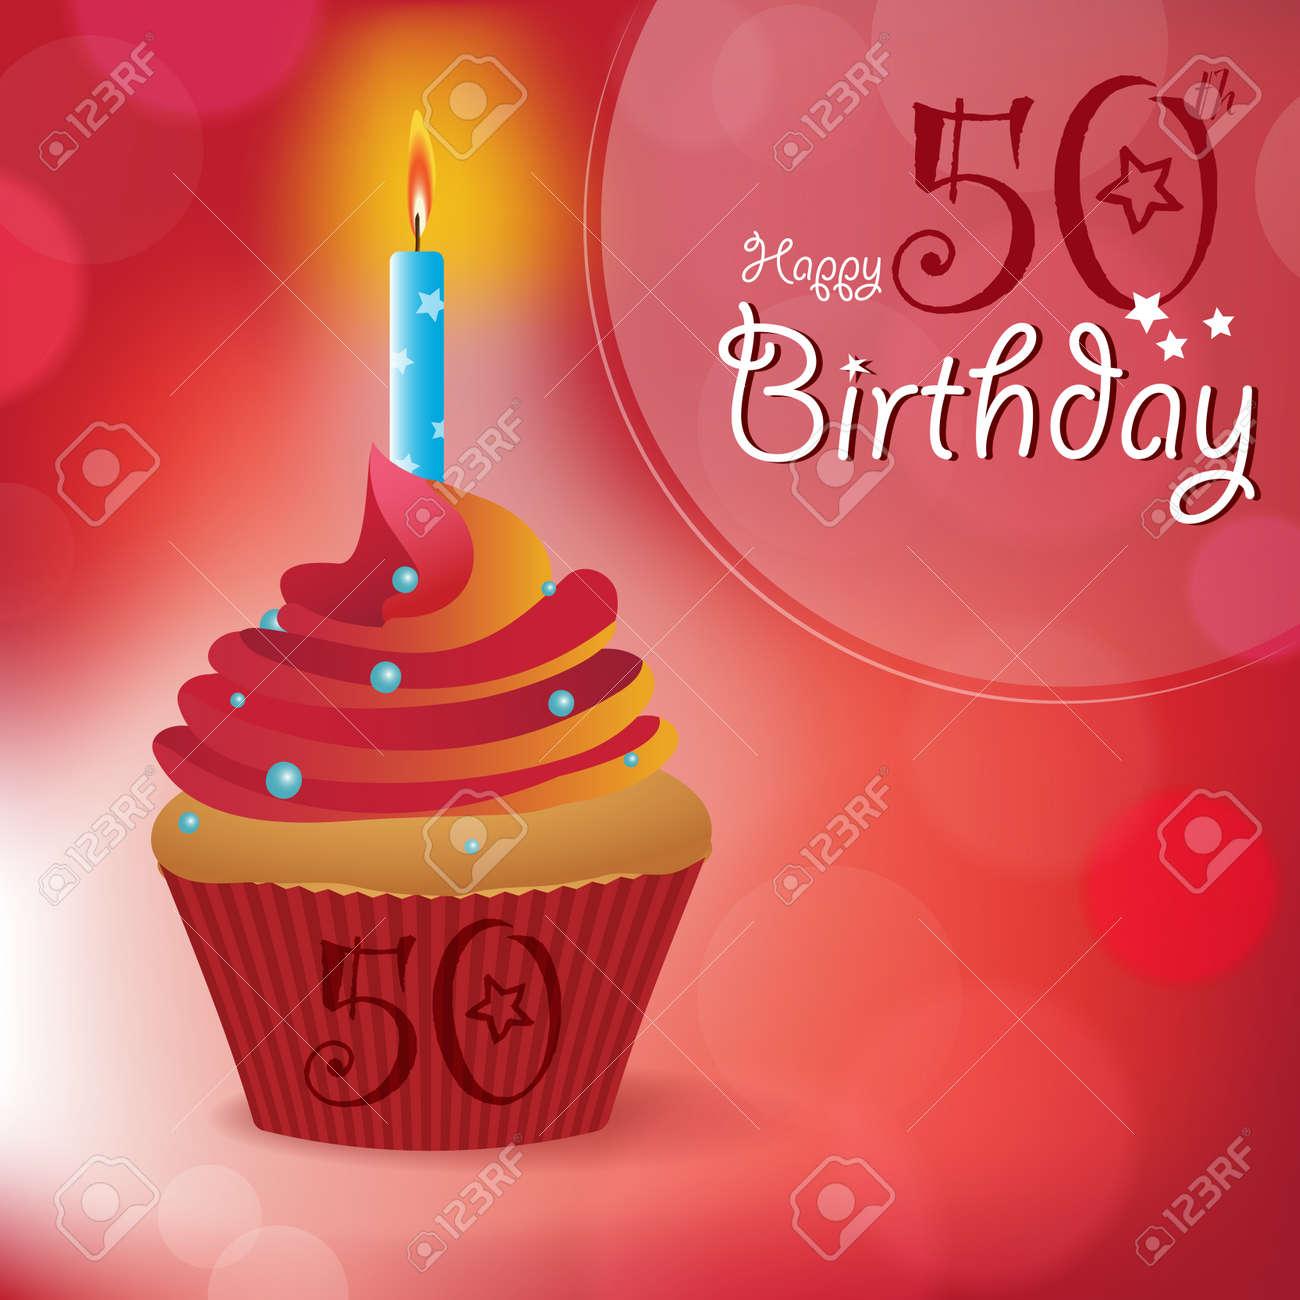 Immagini Stock Buon 50 Compleanno Di Auguri Messaggio Di Invito